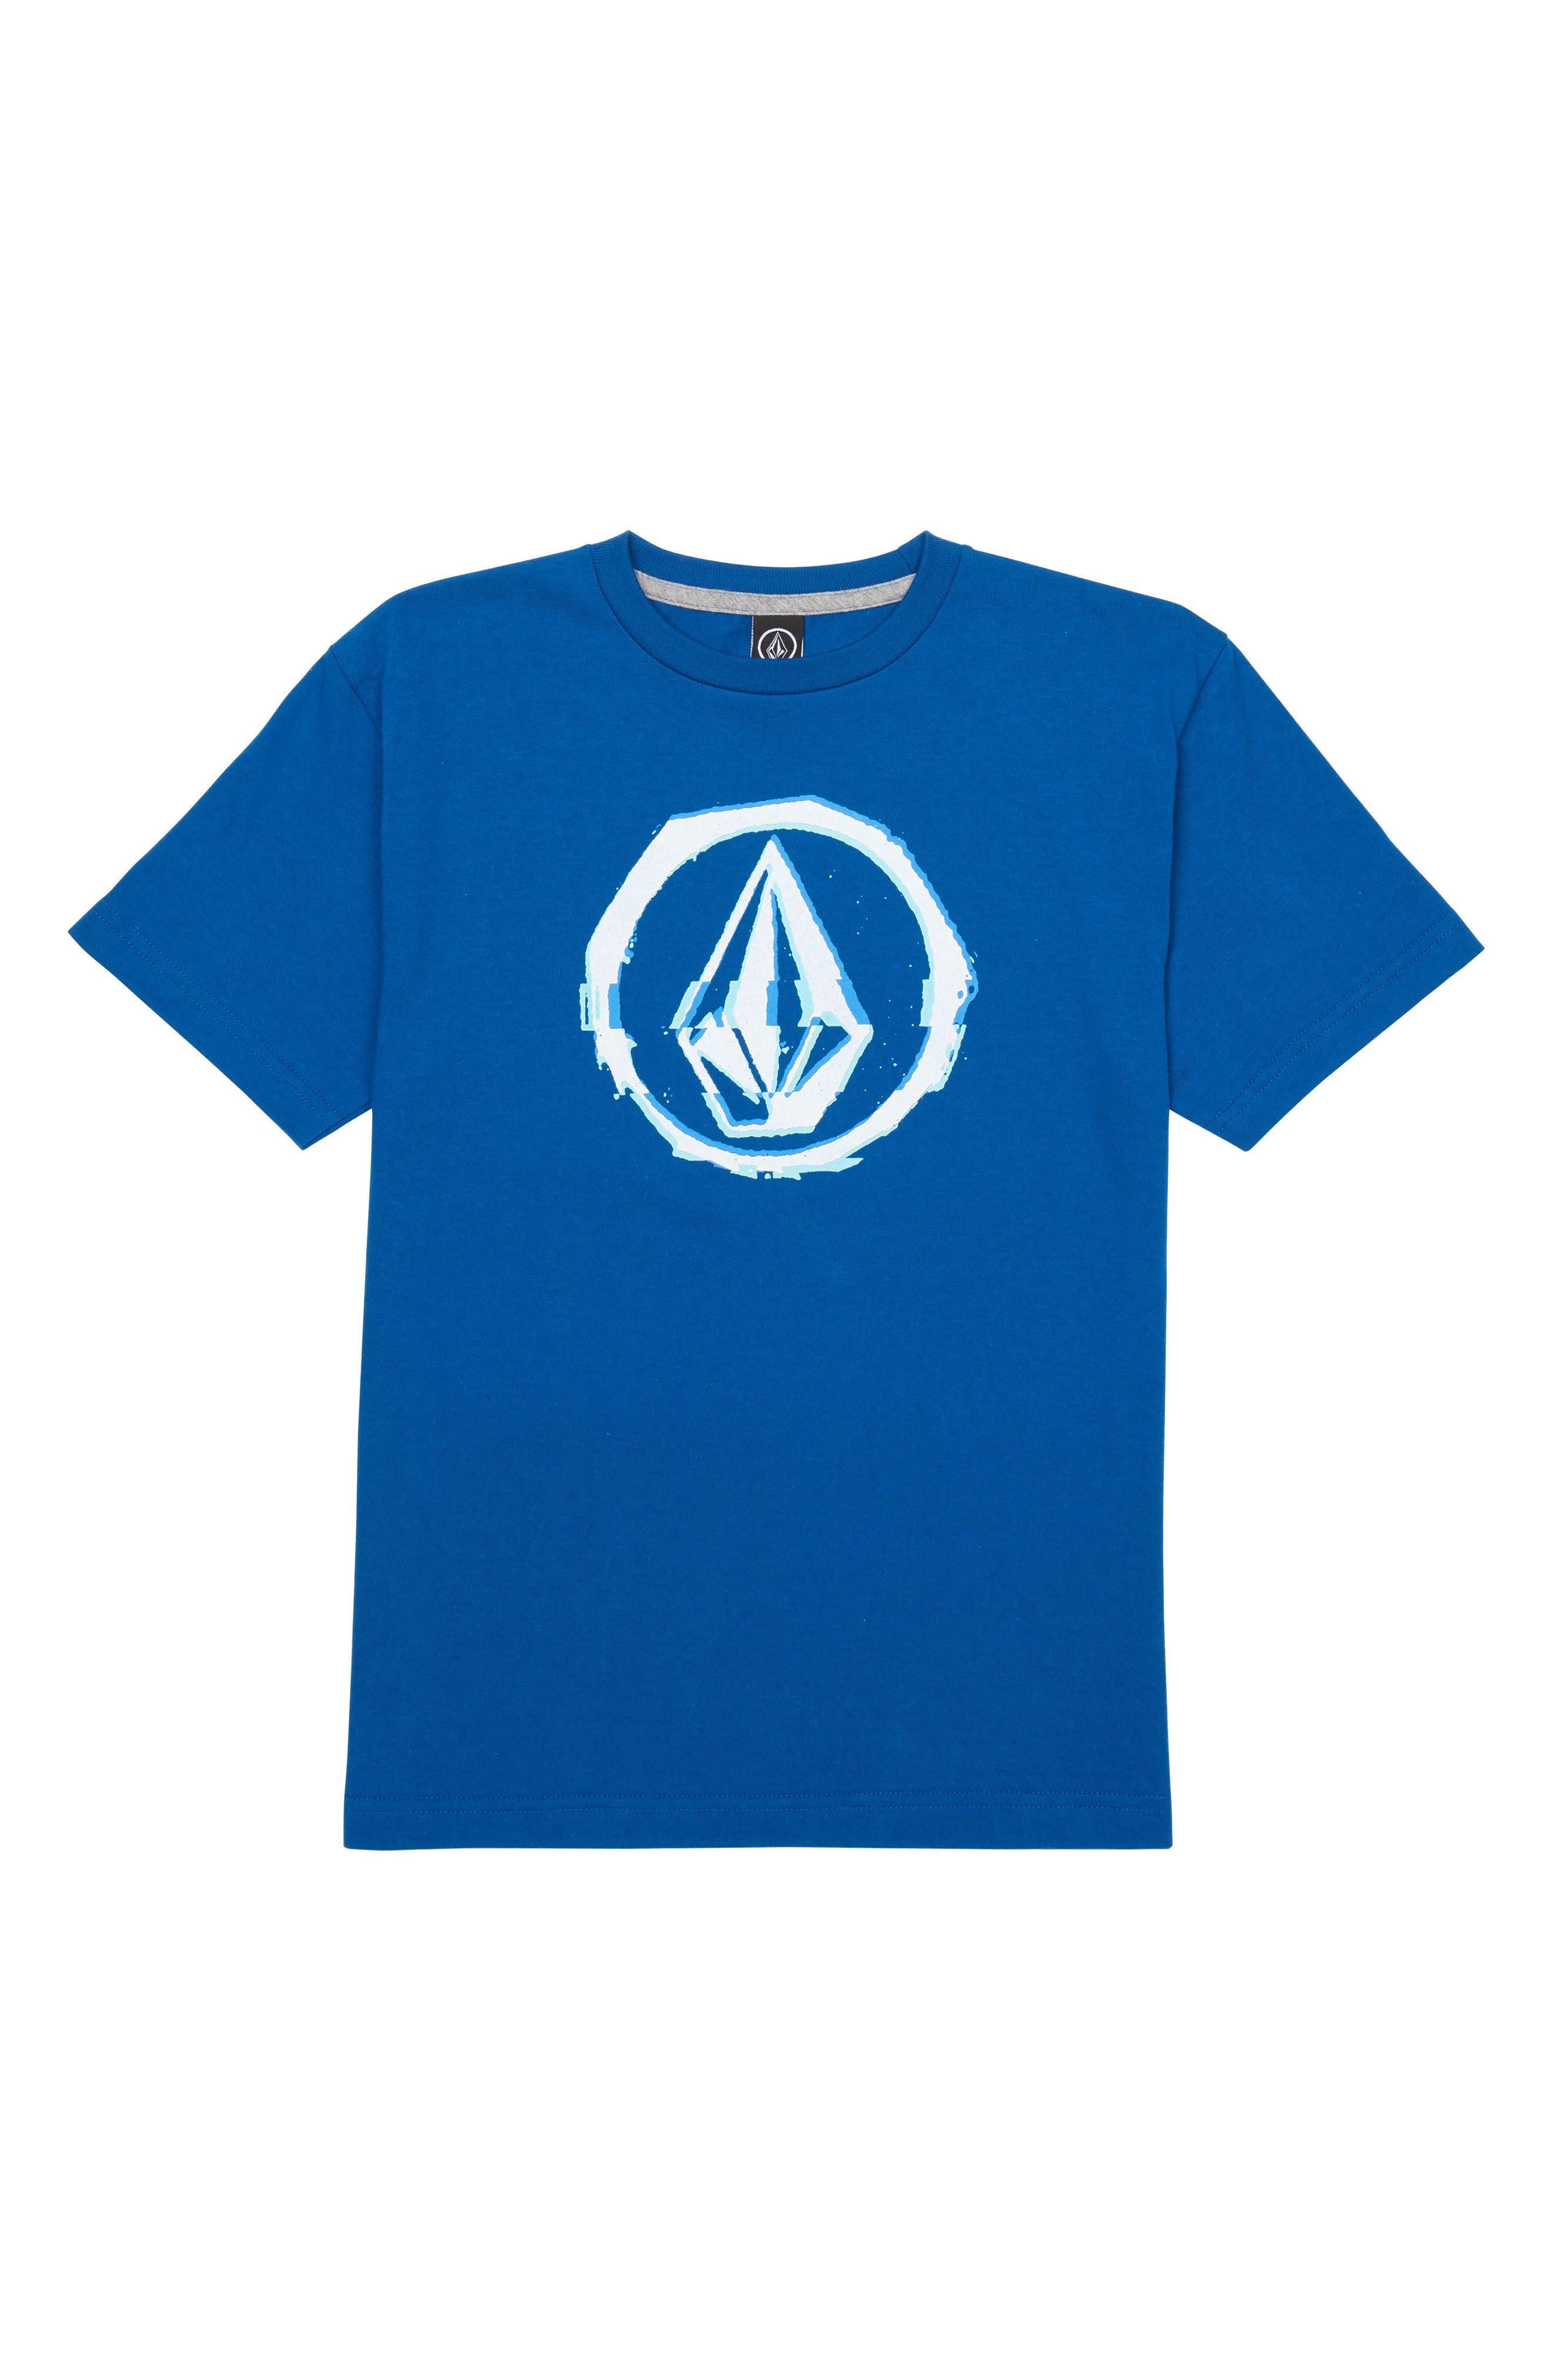 Glitchy Graphic T-Shirt,                             Main thumbnail 1, color,                             421